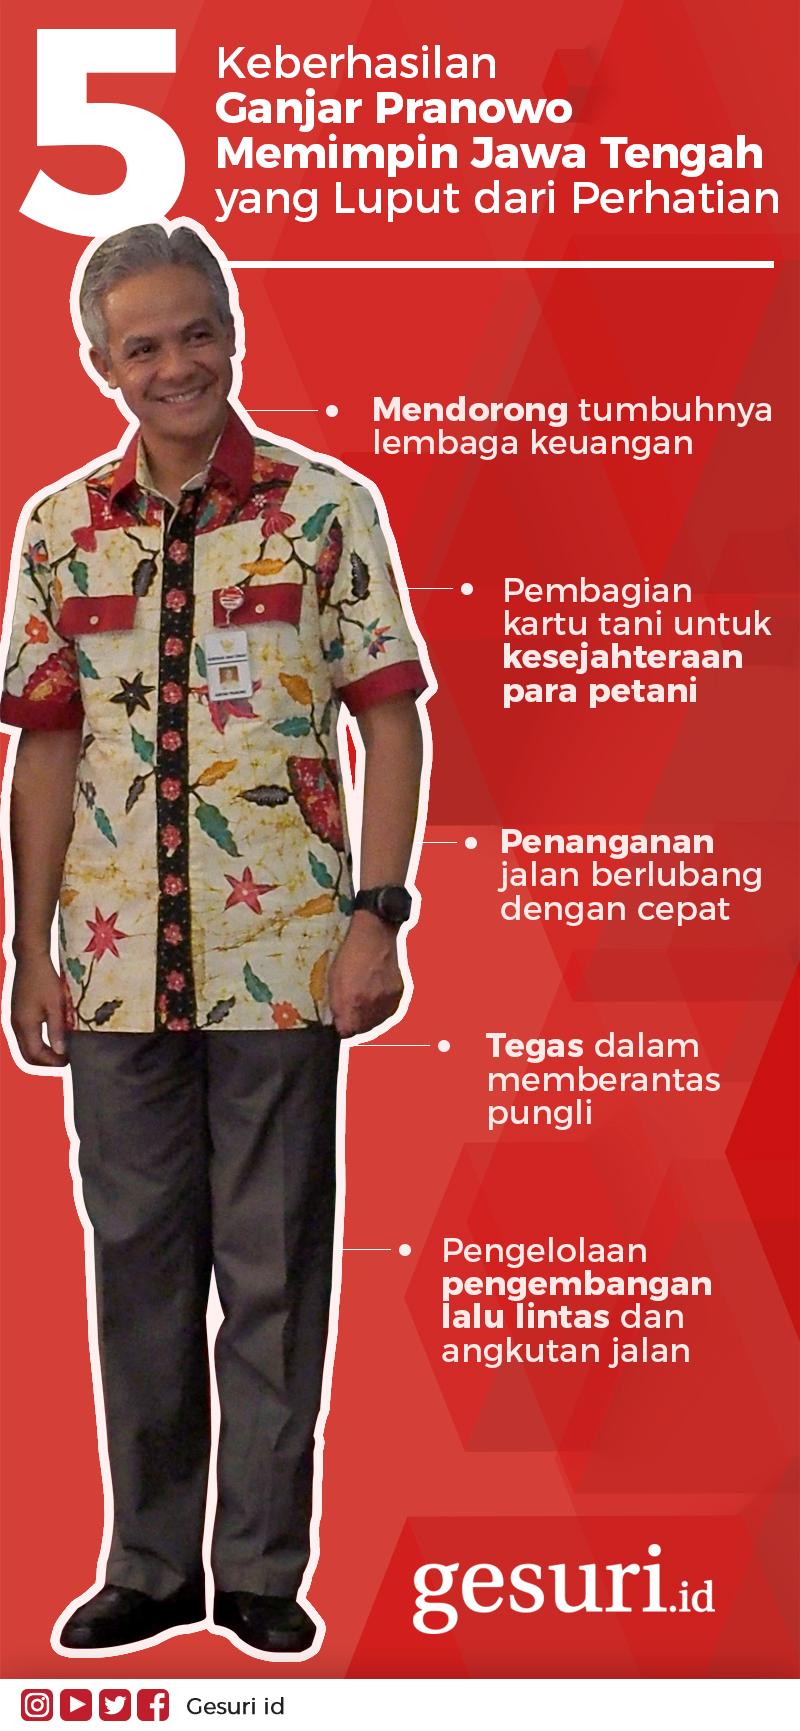 5 Keberhasilan Ganjar Pranowo yang luput dari perhatian